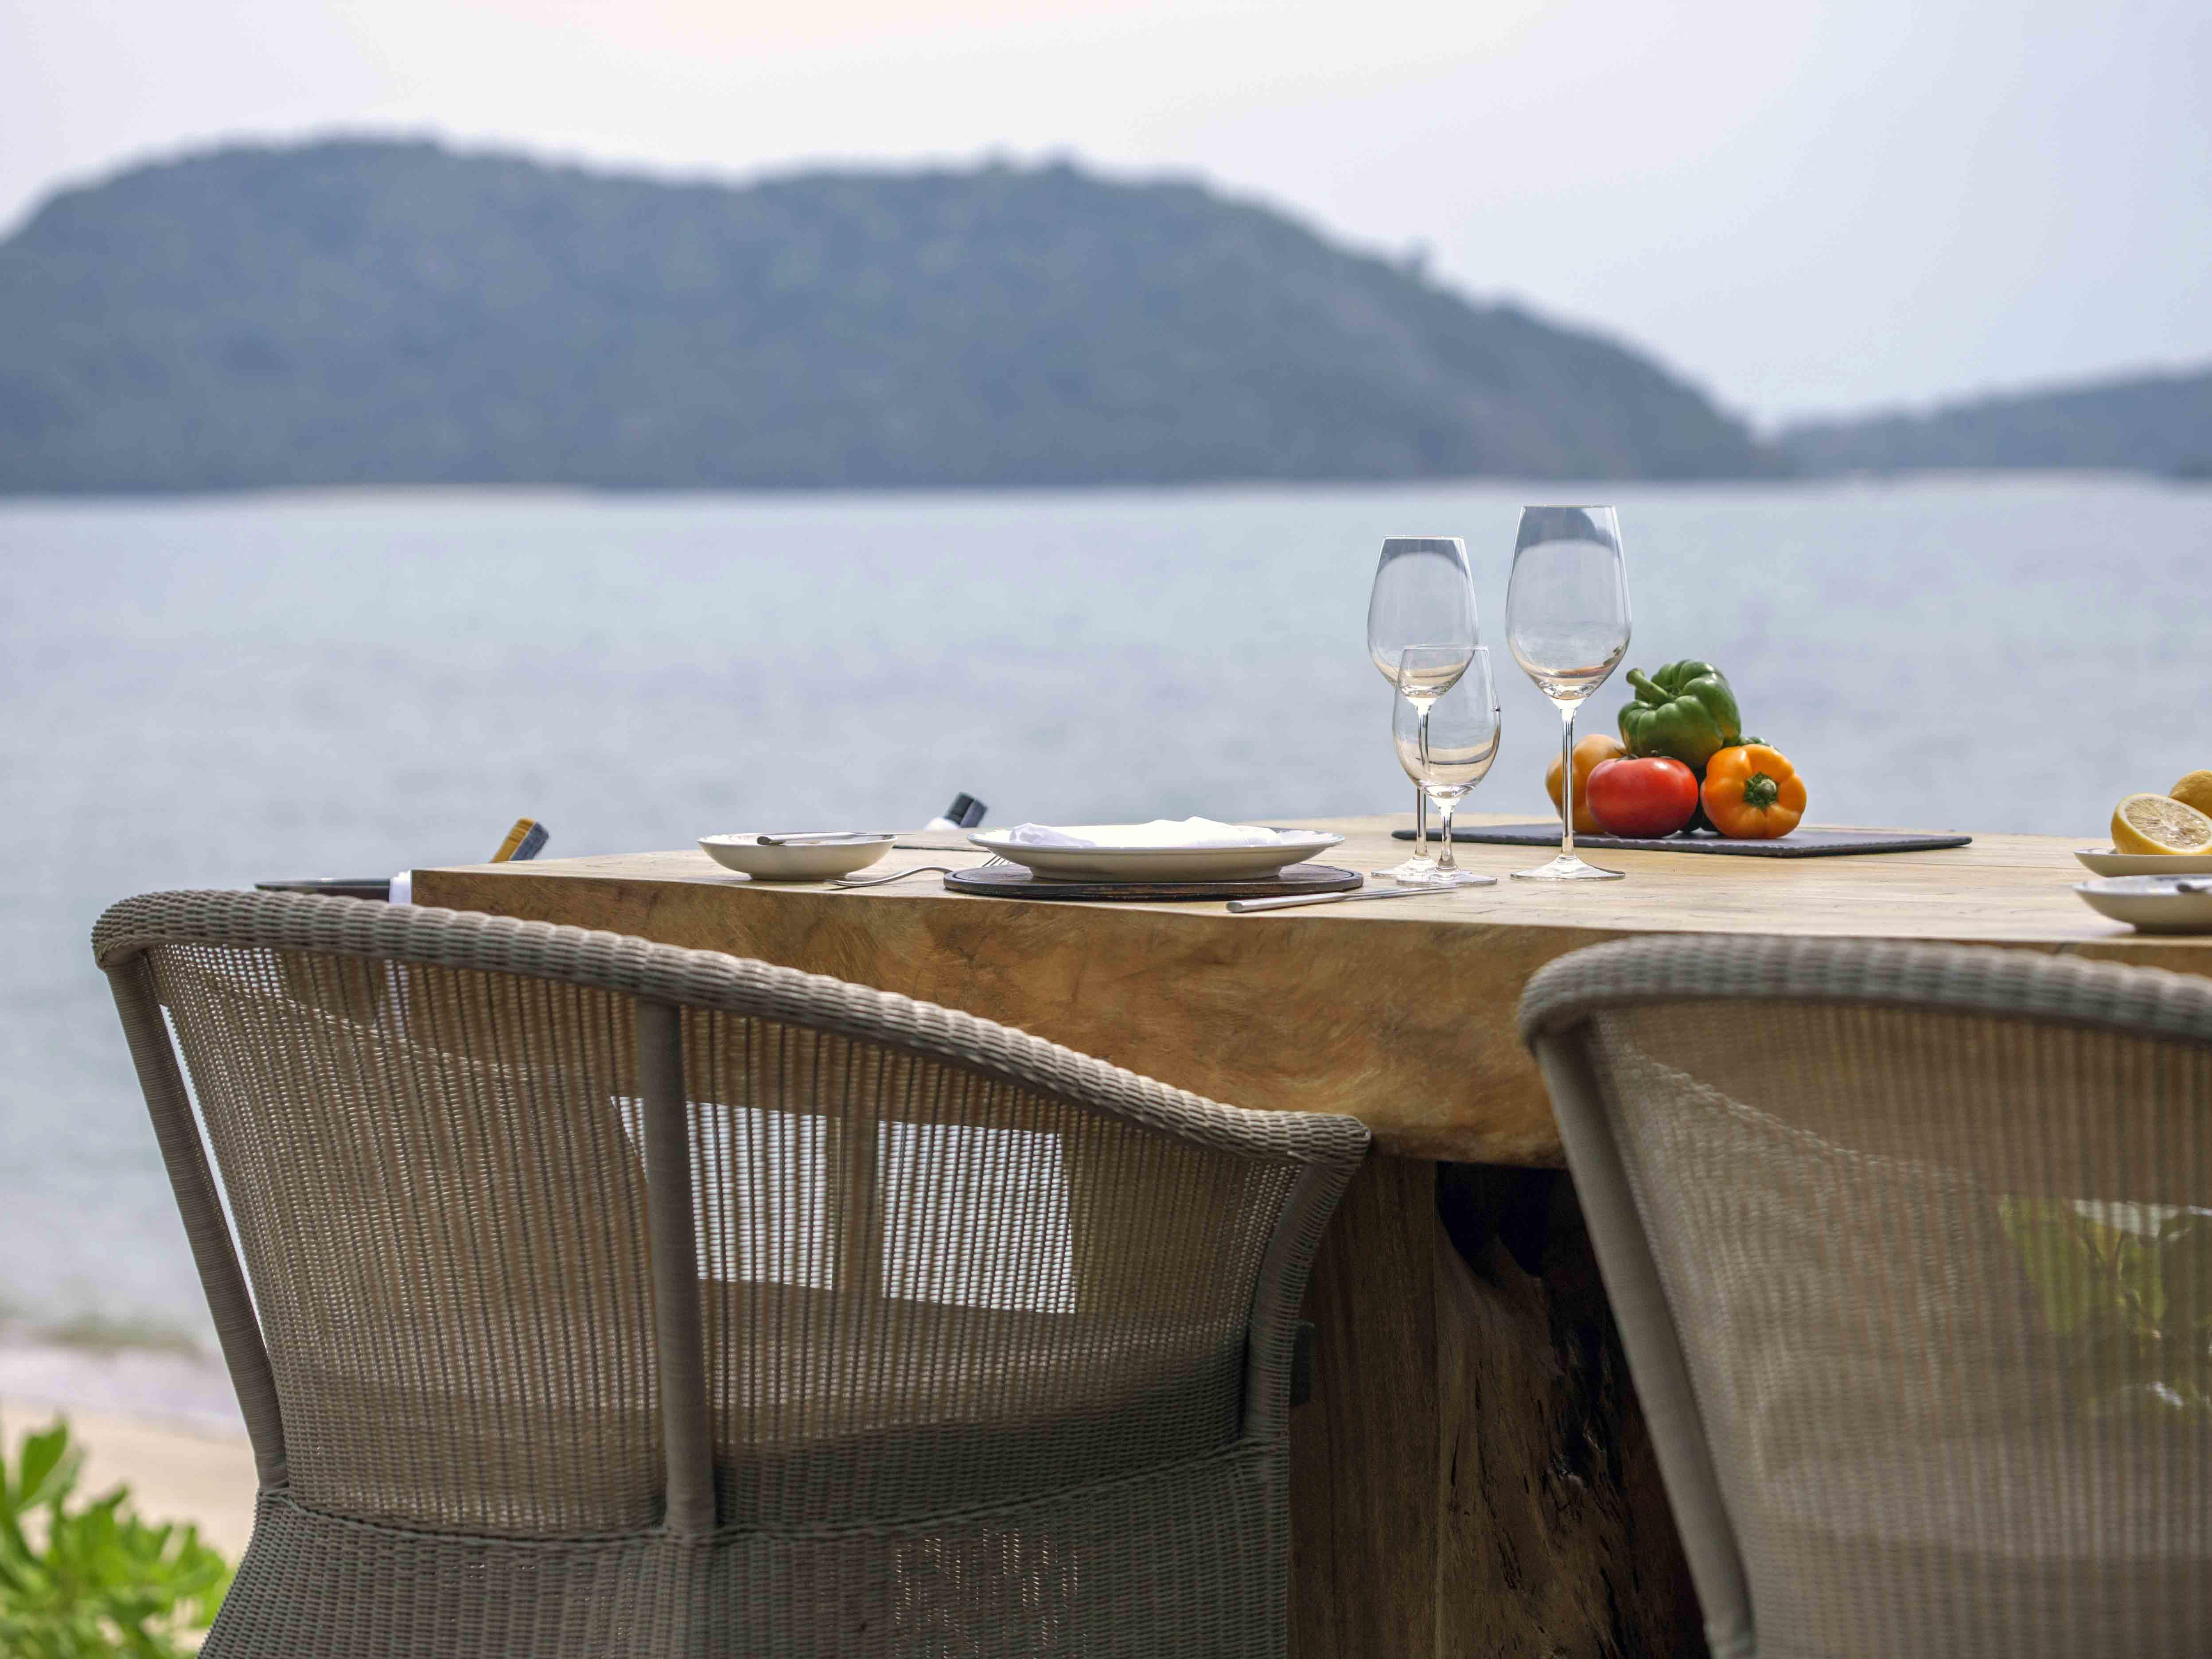 The beach table by the beach